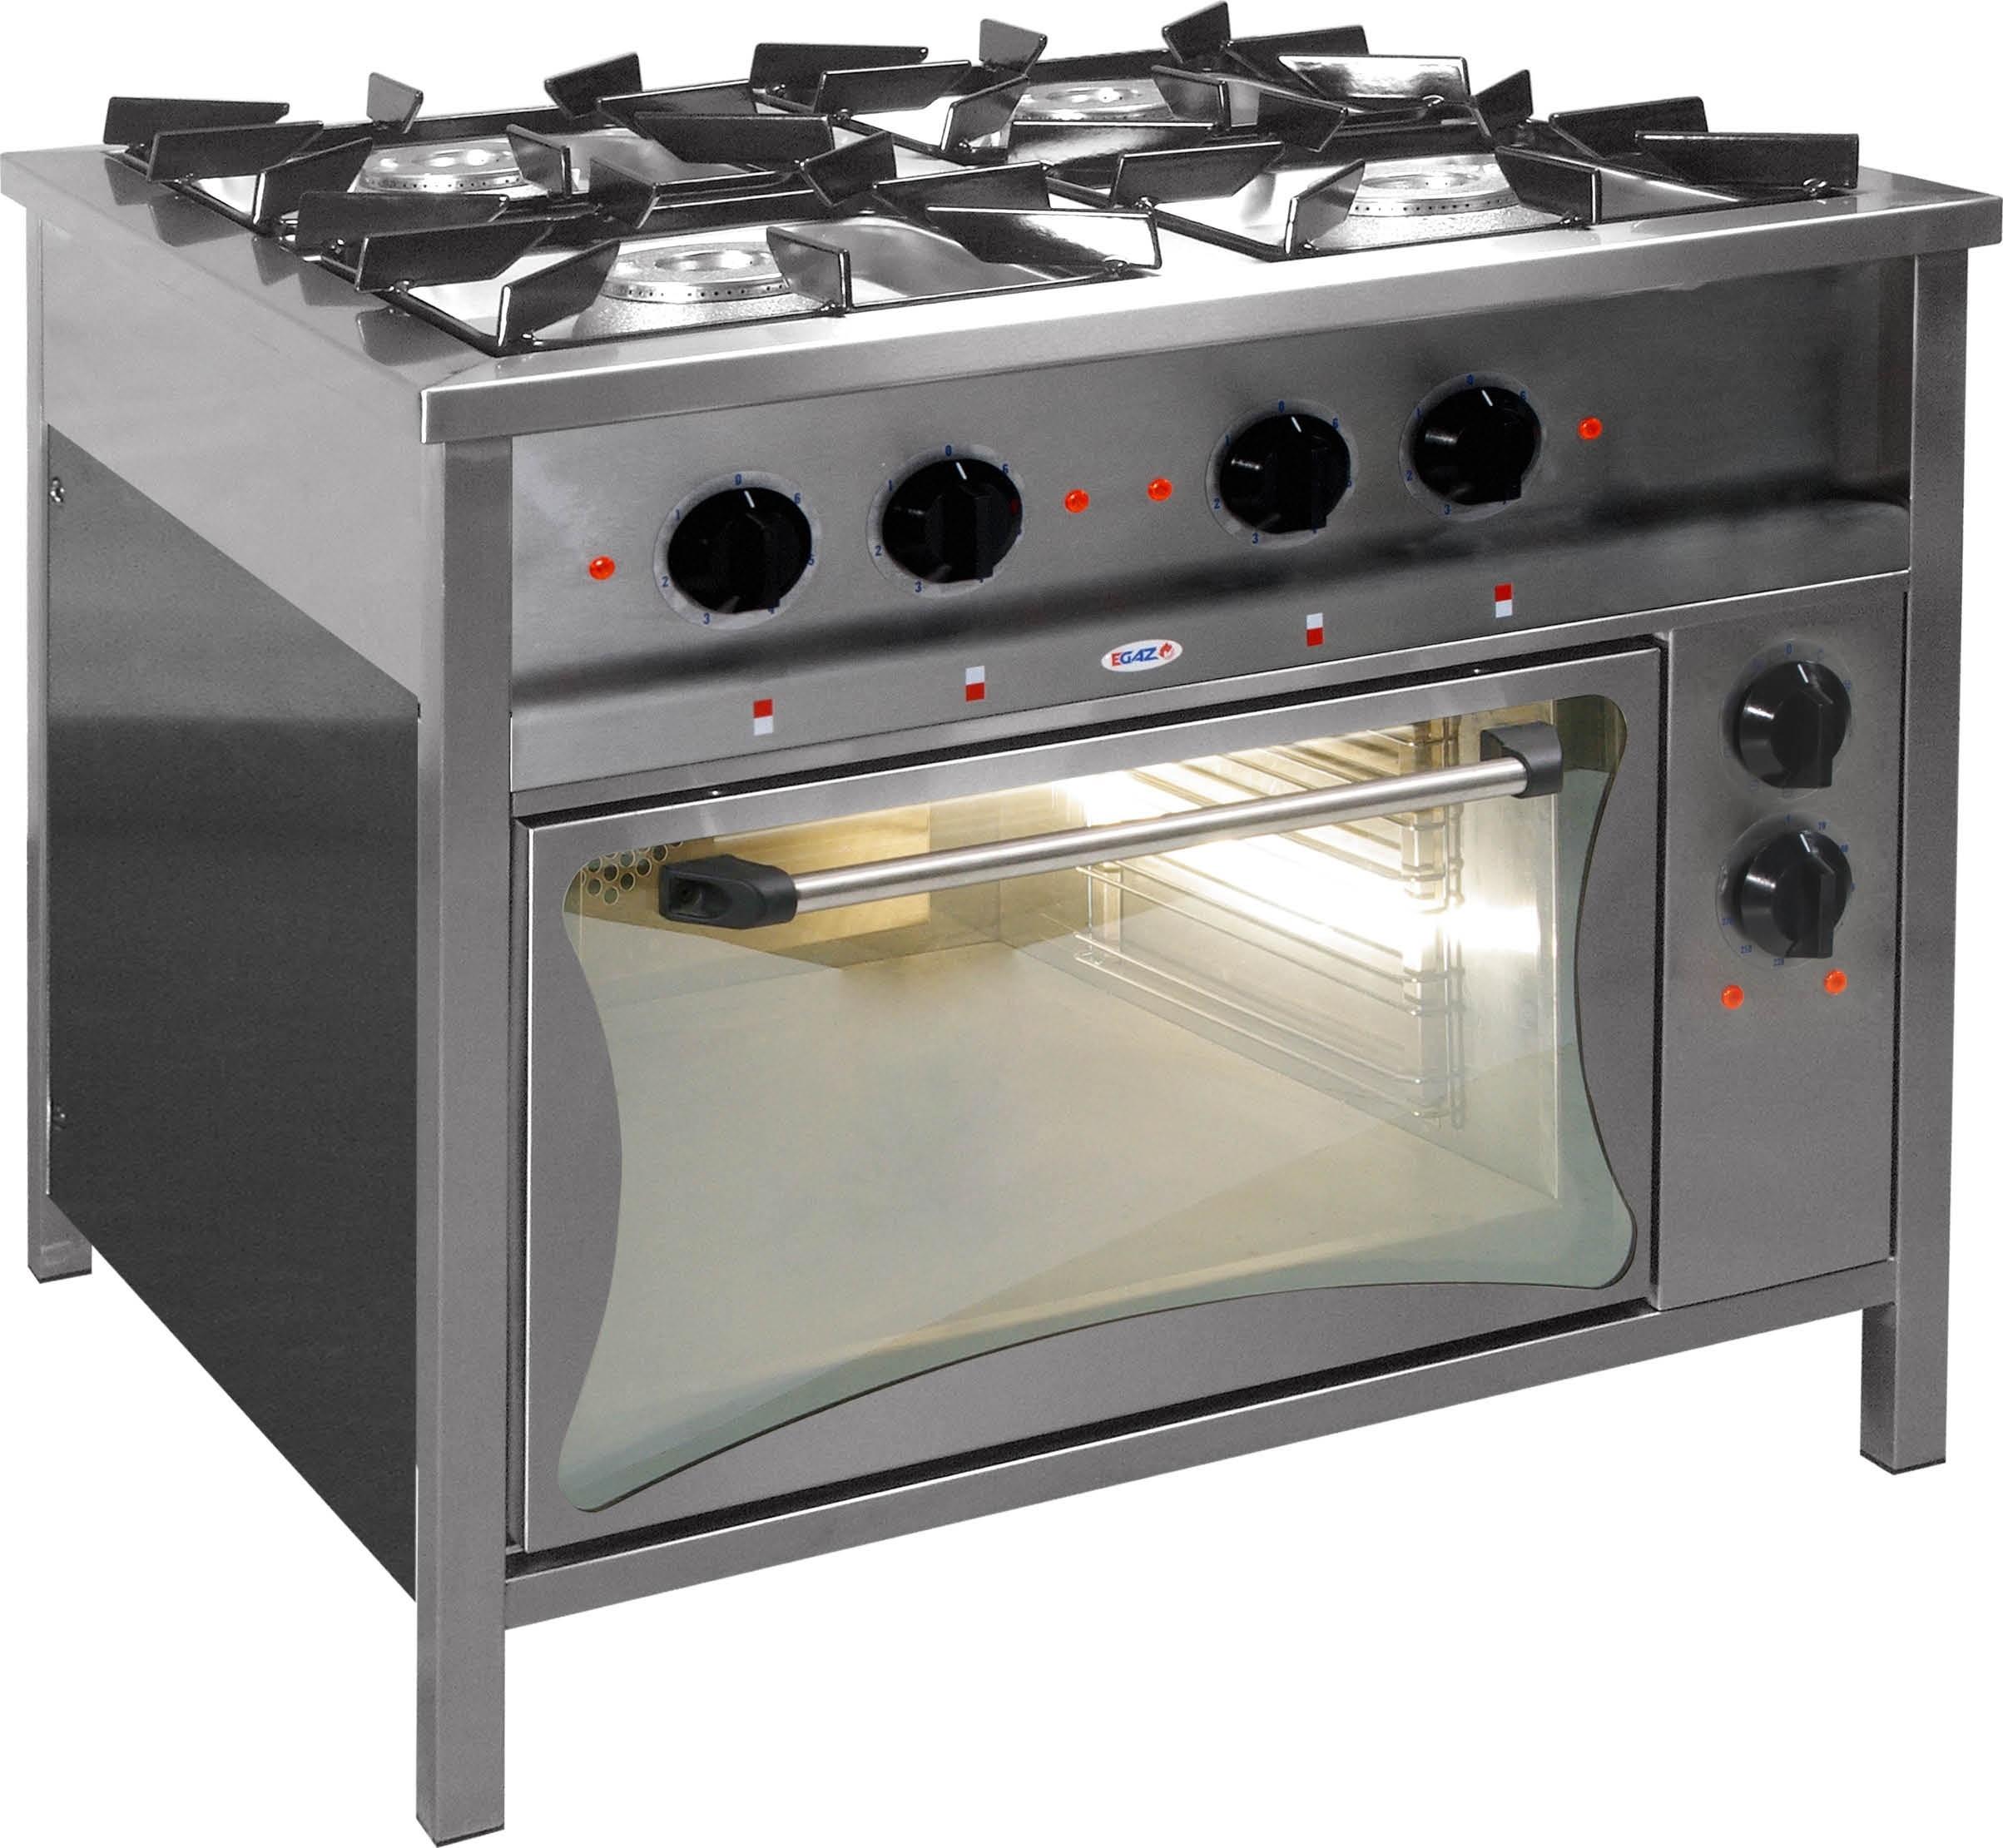 Egaz Kuchnia Gazowa 4 Palnikowa 24 5 Kw Z Piekarnikiem Elektrycznym